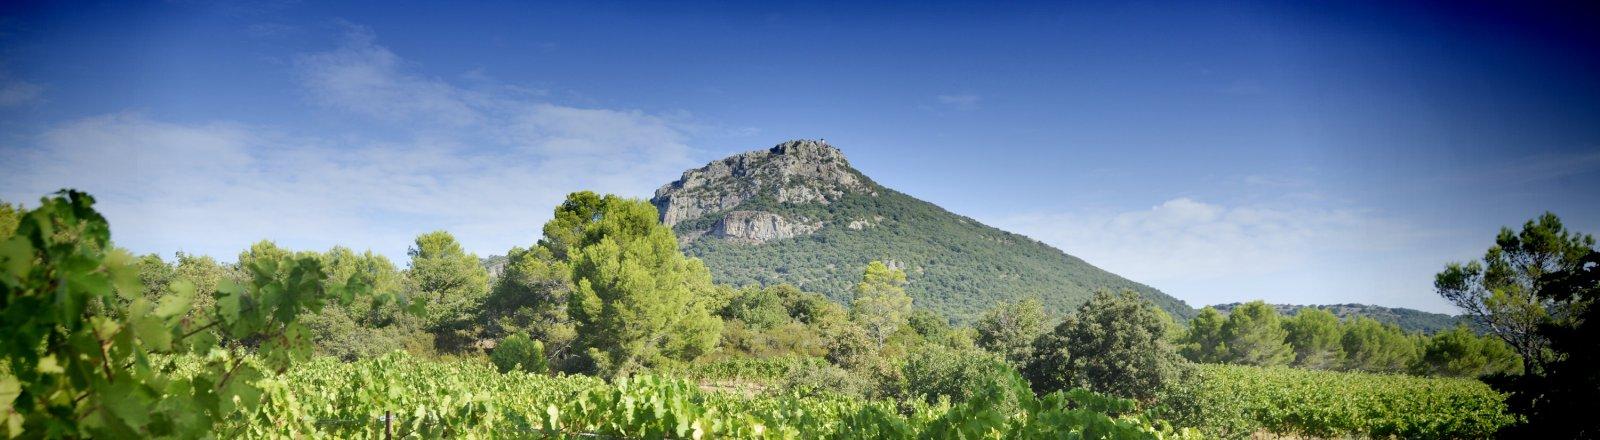 Vue sur les vignes et le Pic de Vissou à Cabrières © Olivier Diaz de Zarate